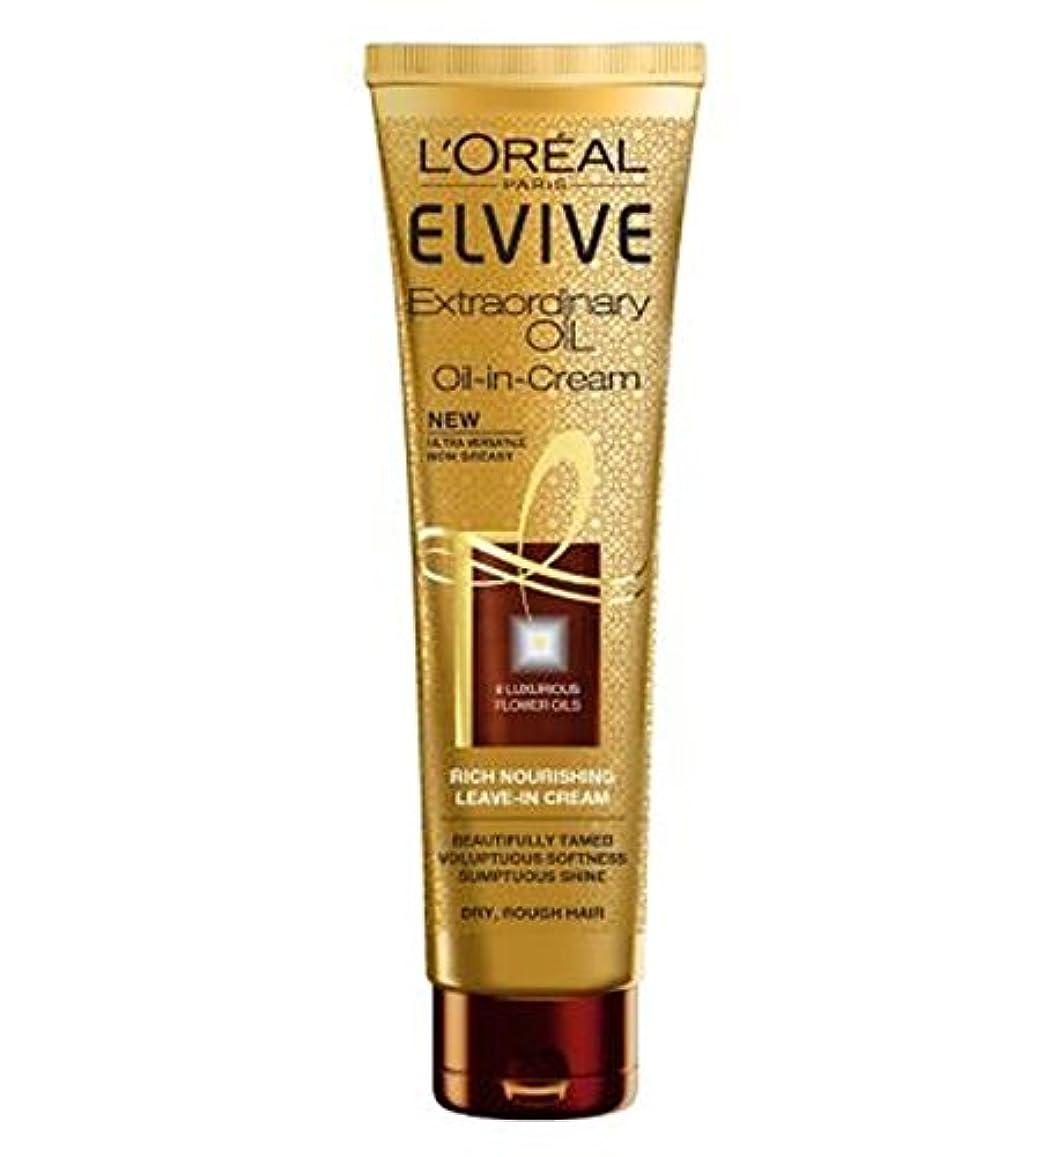 慢パノラマ仮称クリーム乾いた髪でロレアルパリElvive臨時オイル (L'Oreal) (x2) - L'Oreal Paris Elvive Extraordinary Oil in Cream Dry Hair (Pack of...